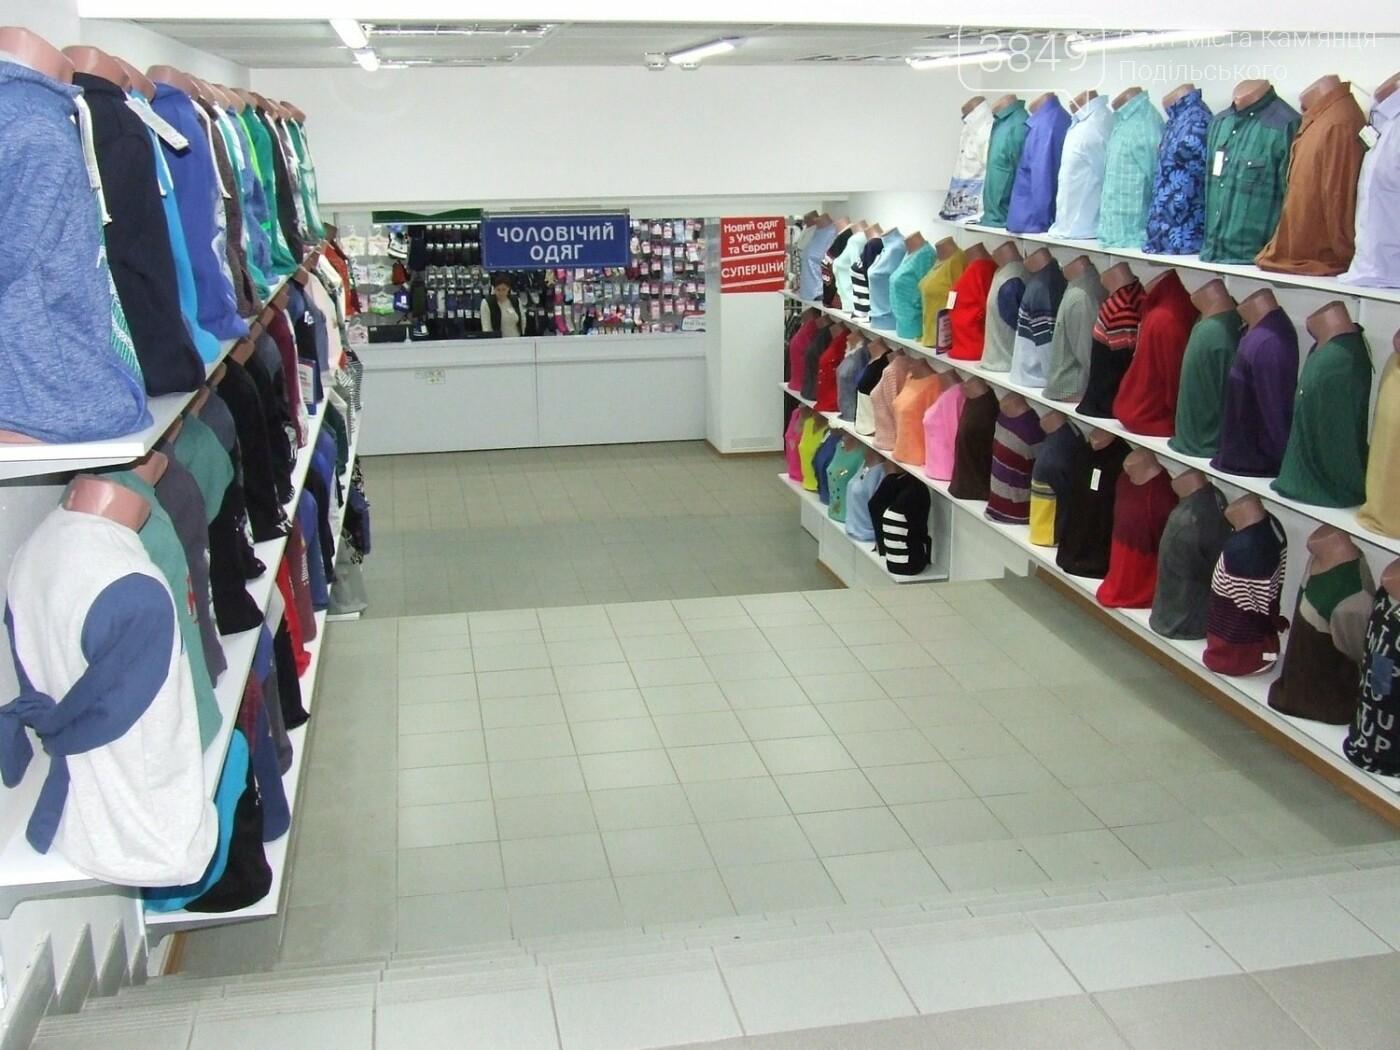 """Одяг для усієї родини у новому магазині """"SUPERЦІНА"""" у Кам'янці-Подільському, фото-23"""